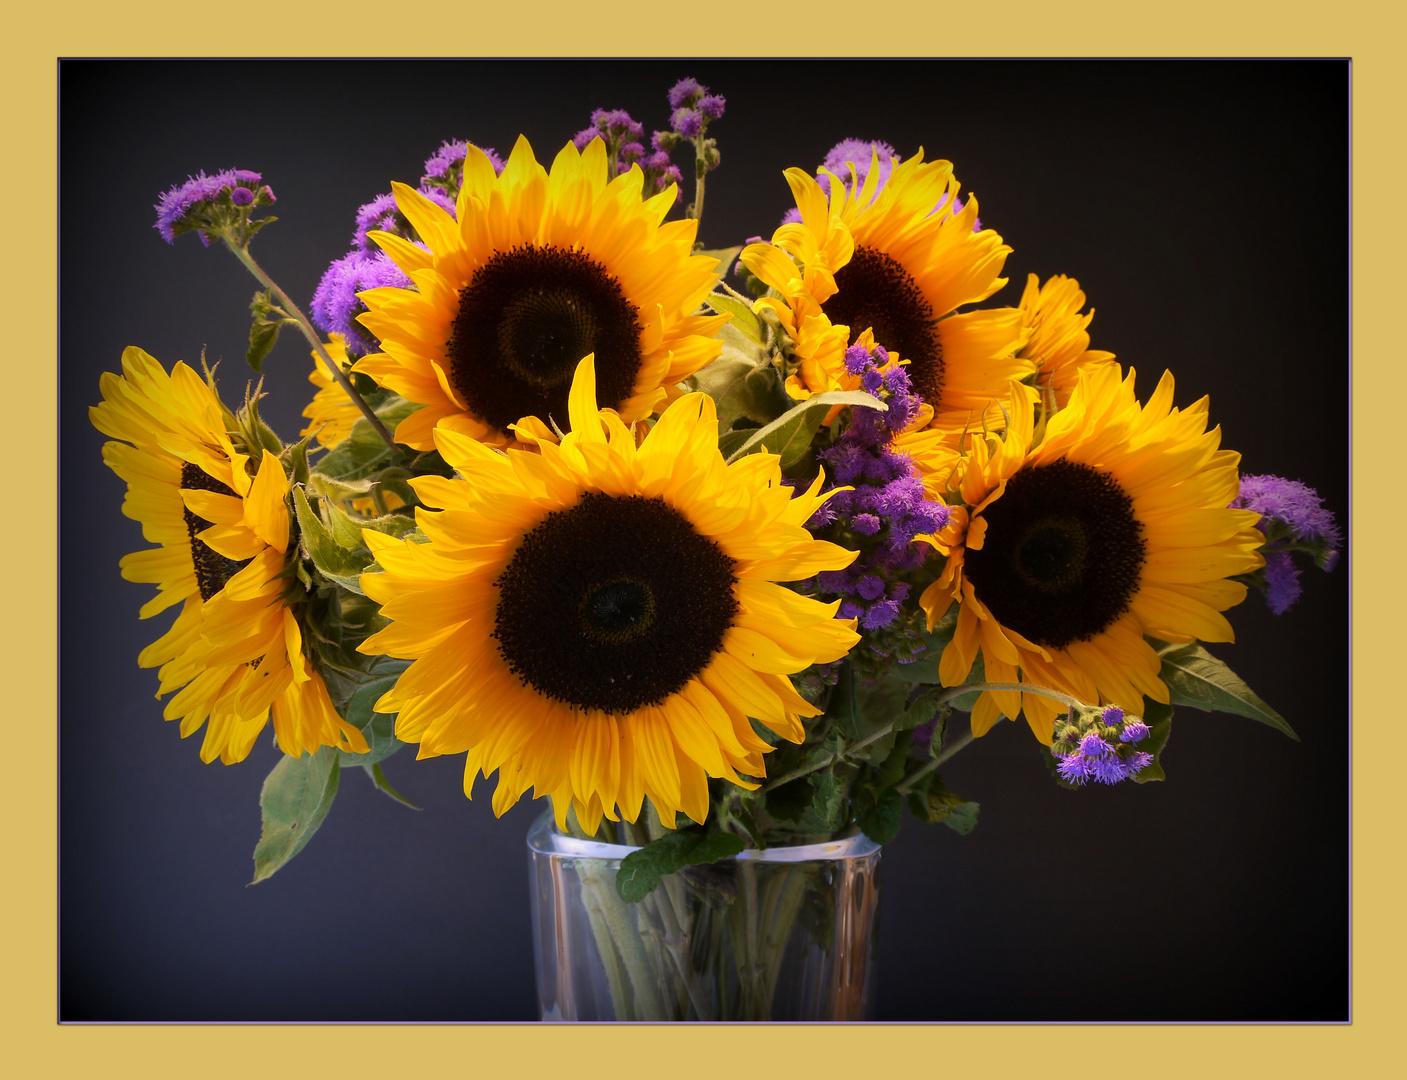 Zum Mittwoch einen Sonnenblumenstrauß!